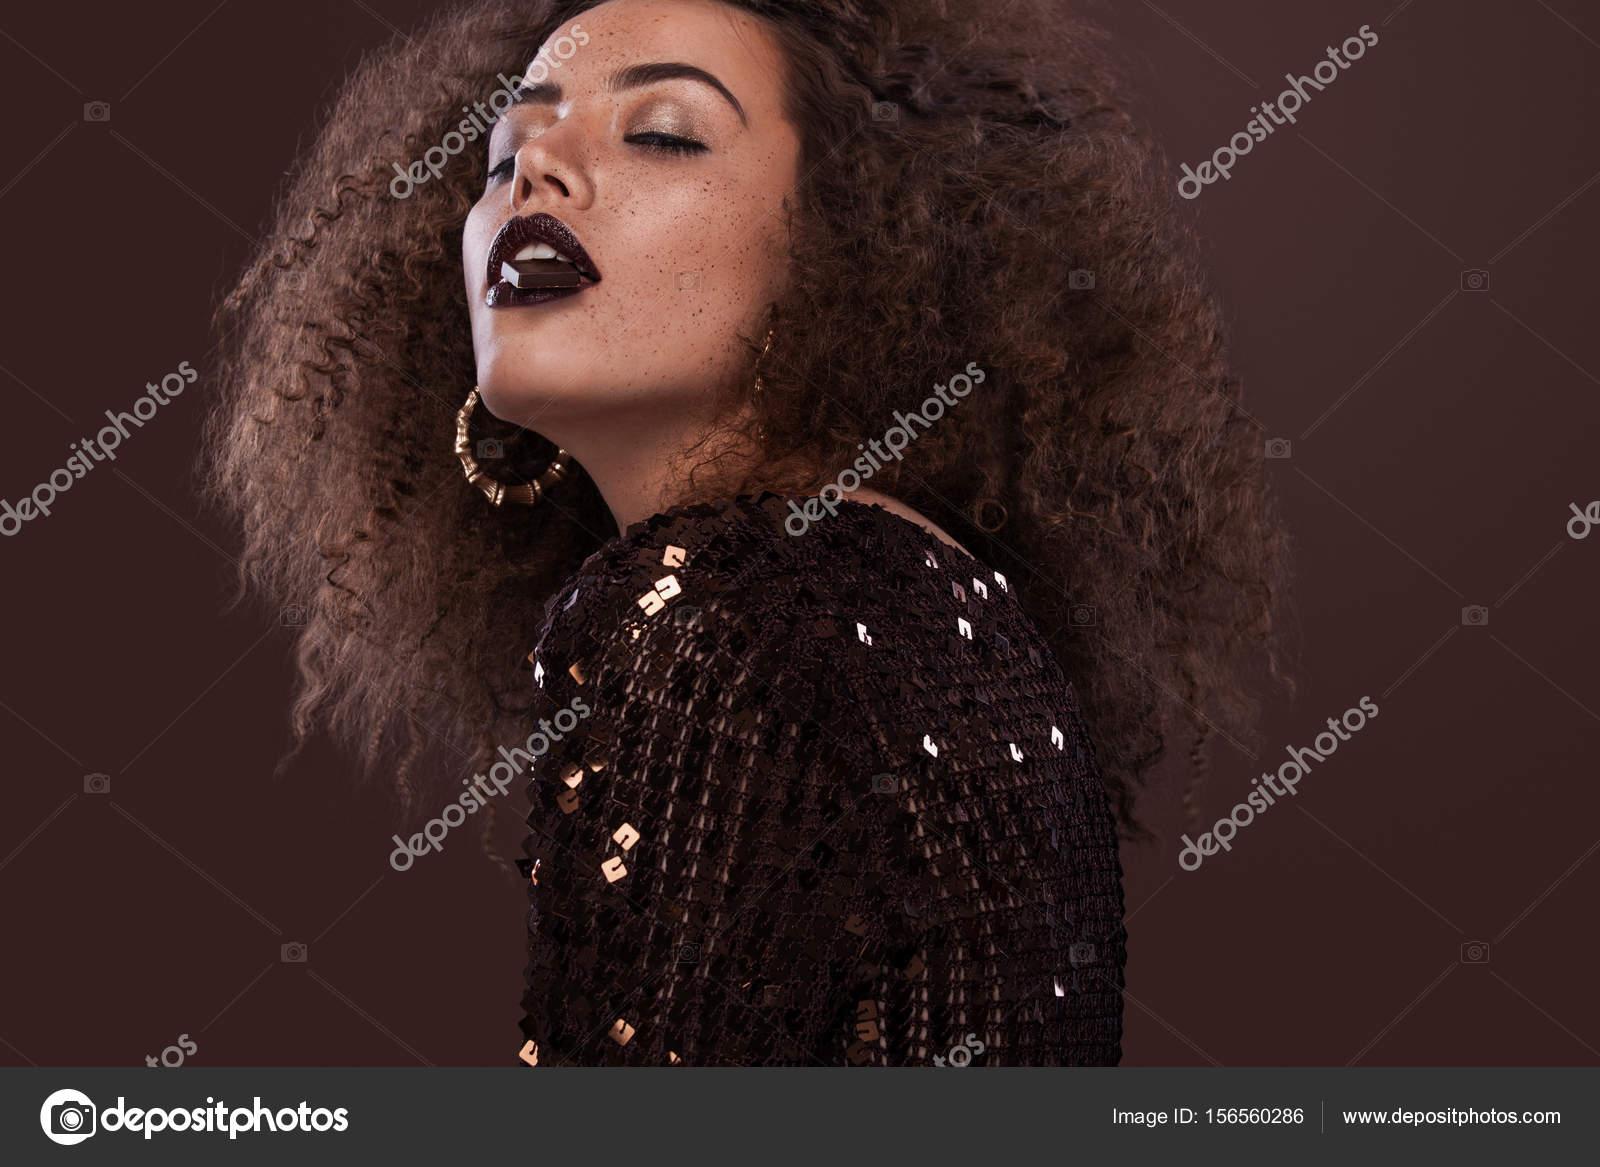 Bilder von afroamerikanischen Mädchen